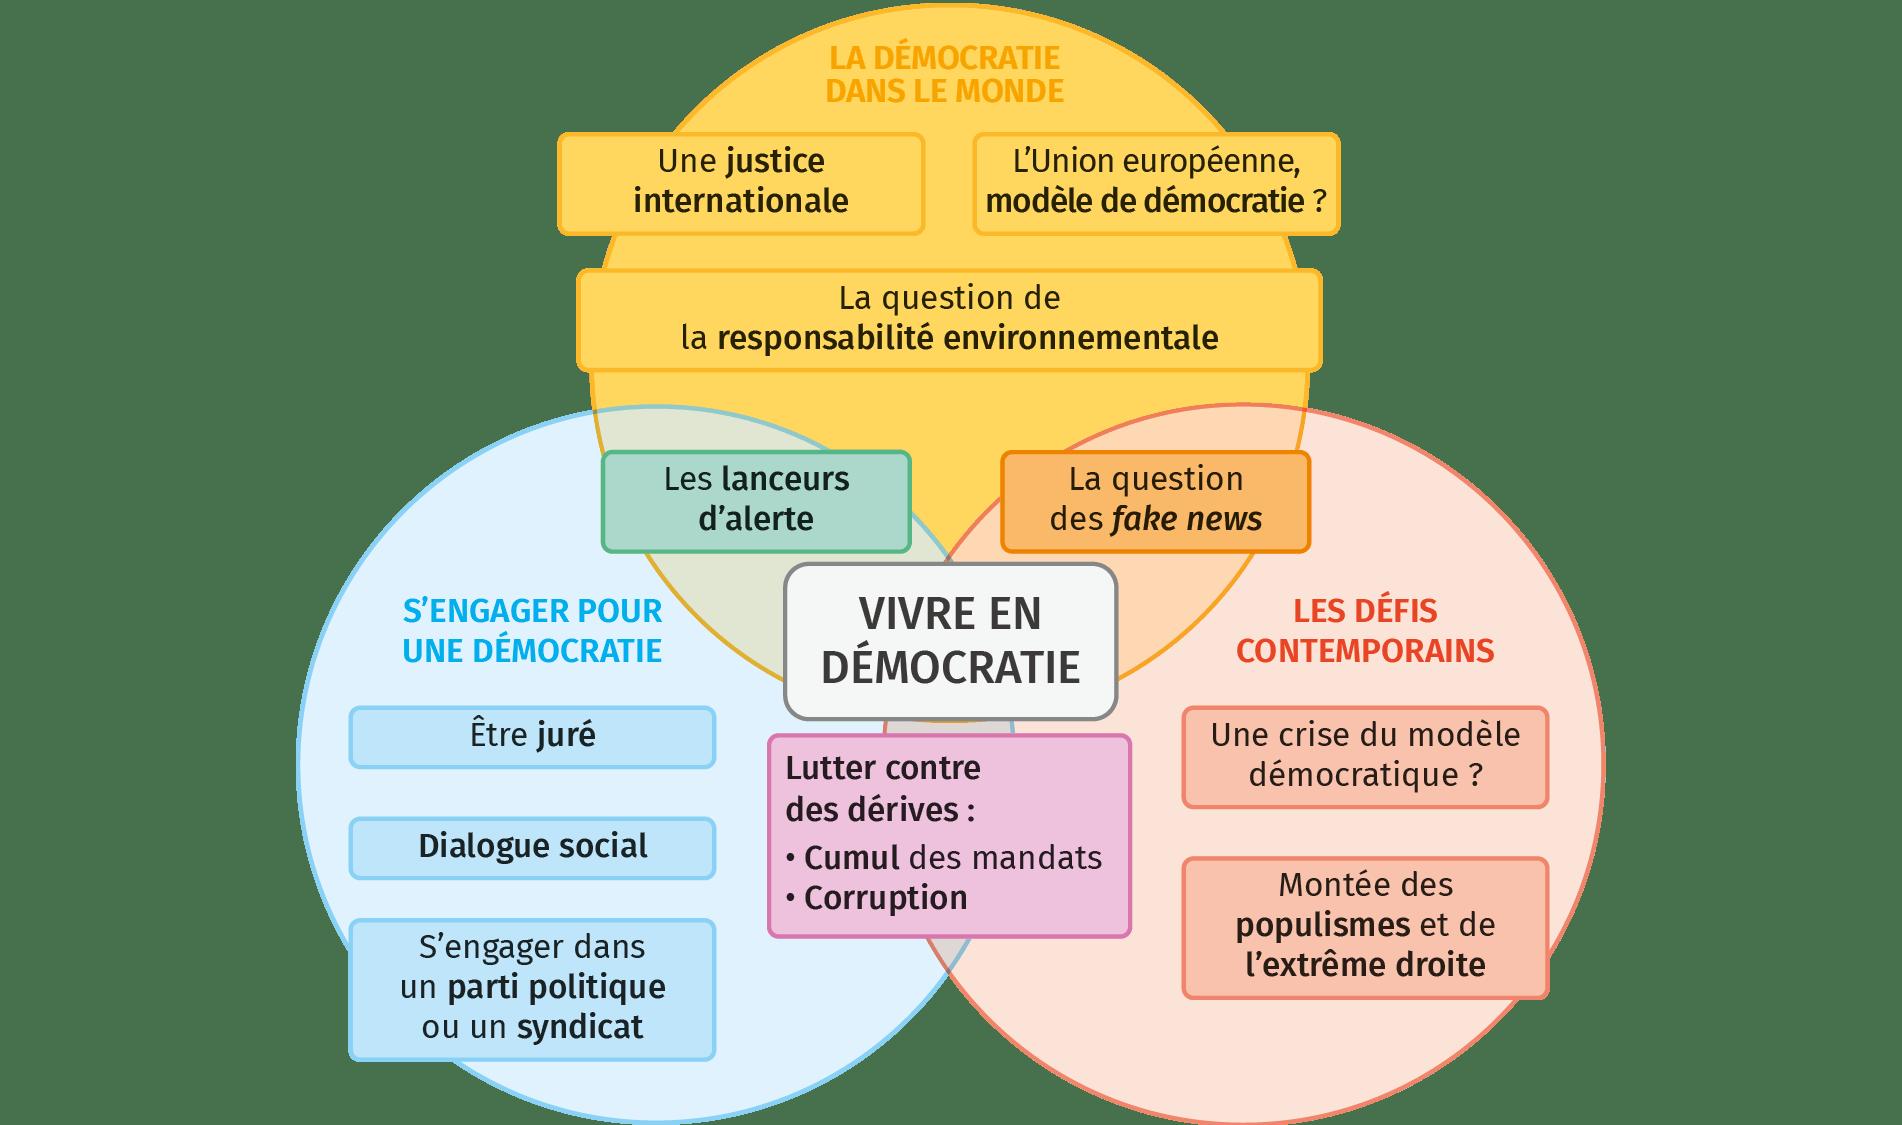 Schéma de synthèse Vivre en déocratie